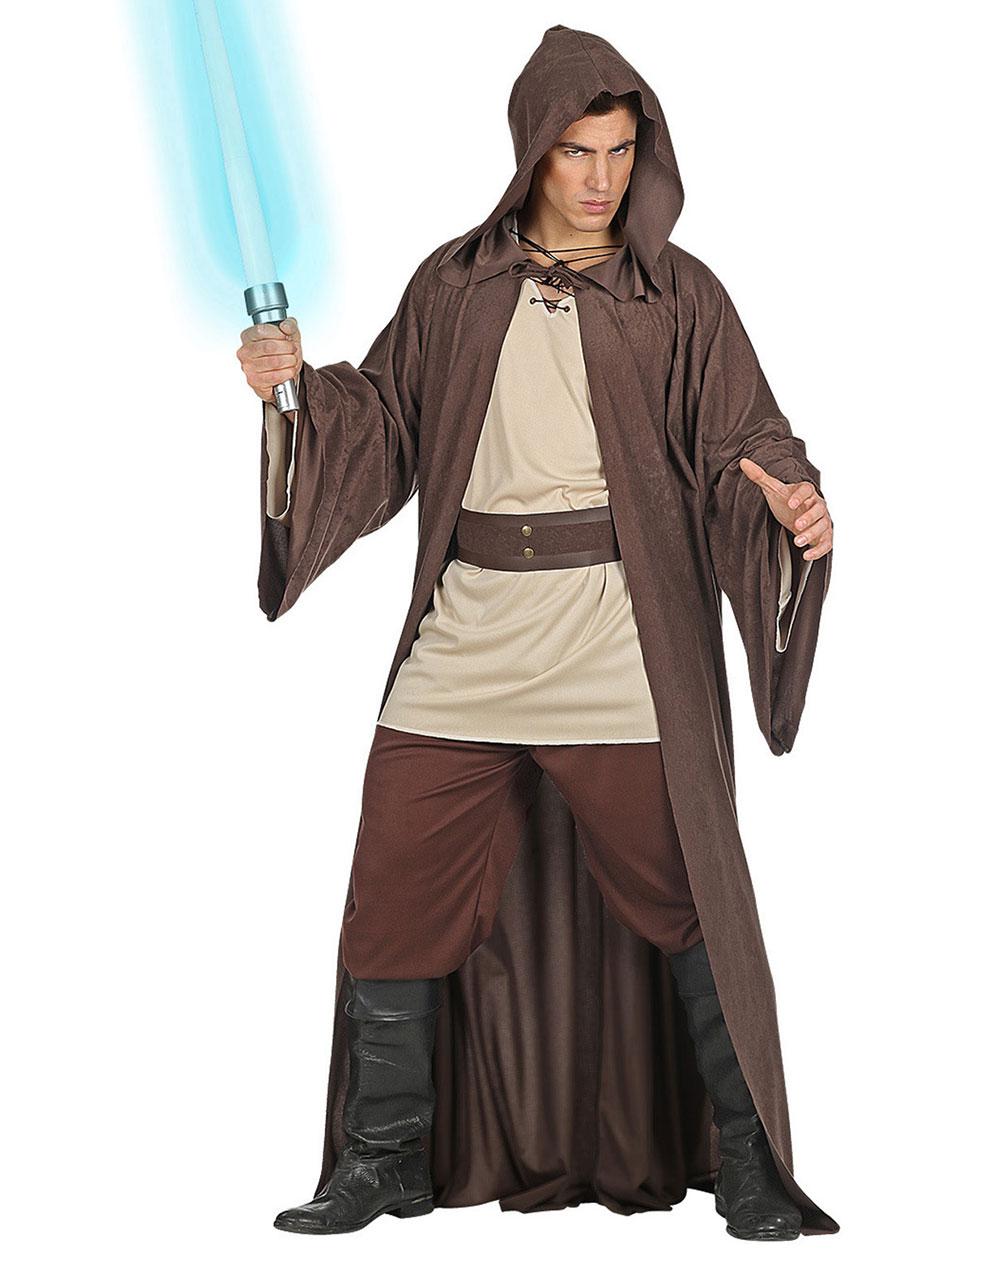 4fafd996 Star Wars Inspirert Jedi Herrekostyme - Star Wars - Film & TV - Kostymer  etter Tema - Kostymer - KARNEVAL